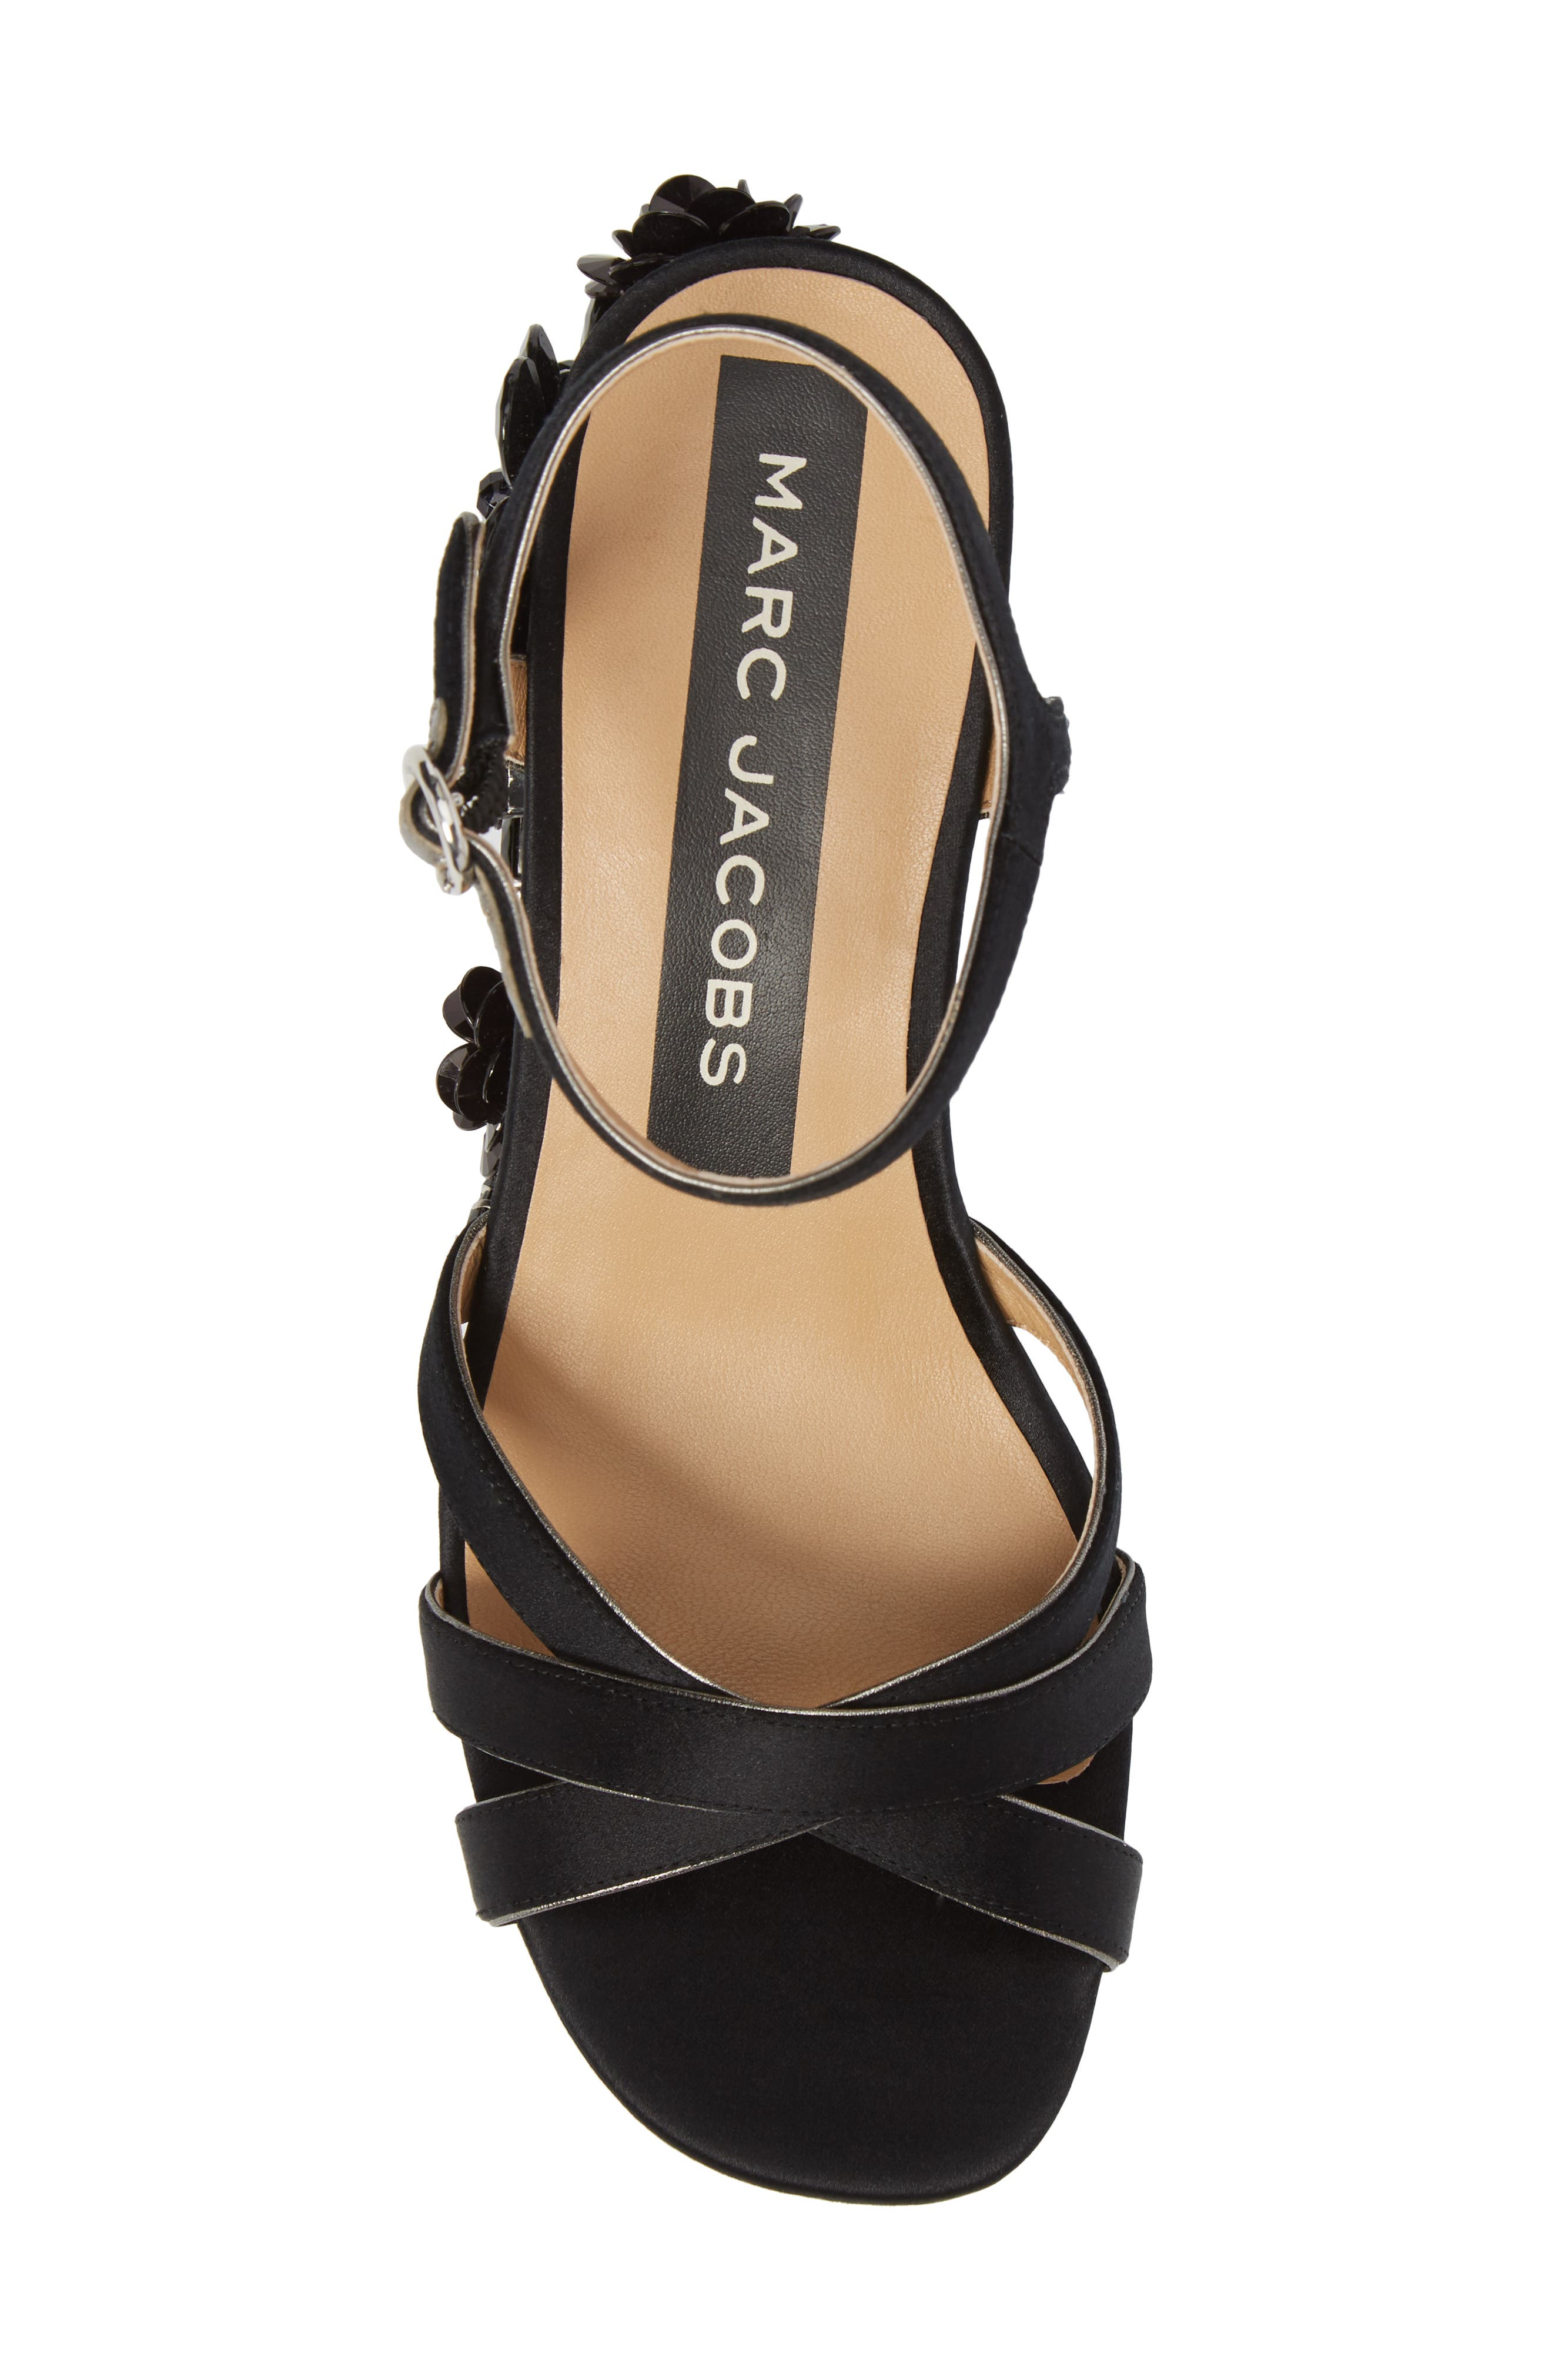 Callie Embellished Platform Sandal,                             Alternate thumbnail 5, color,                             001